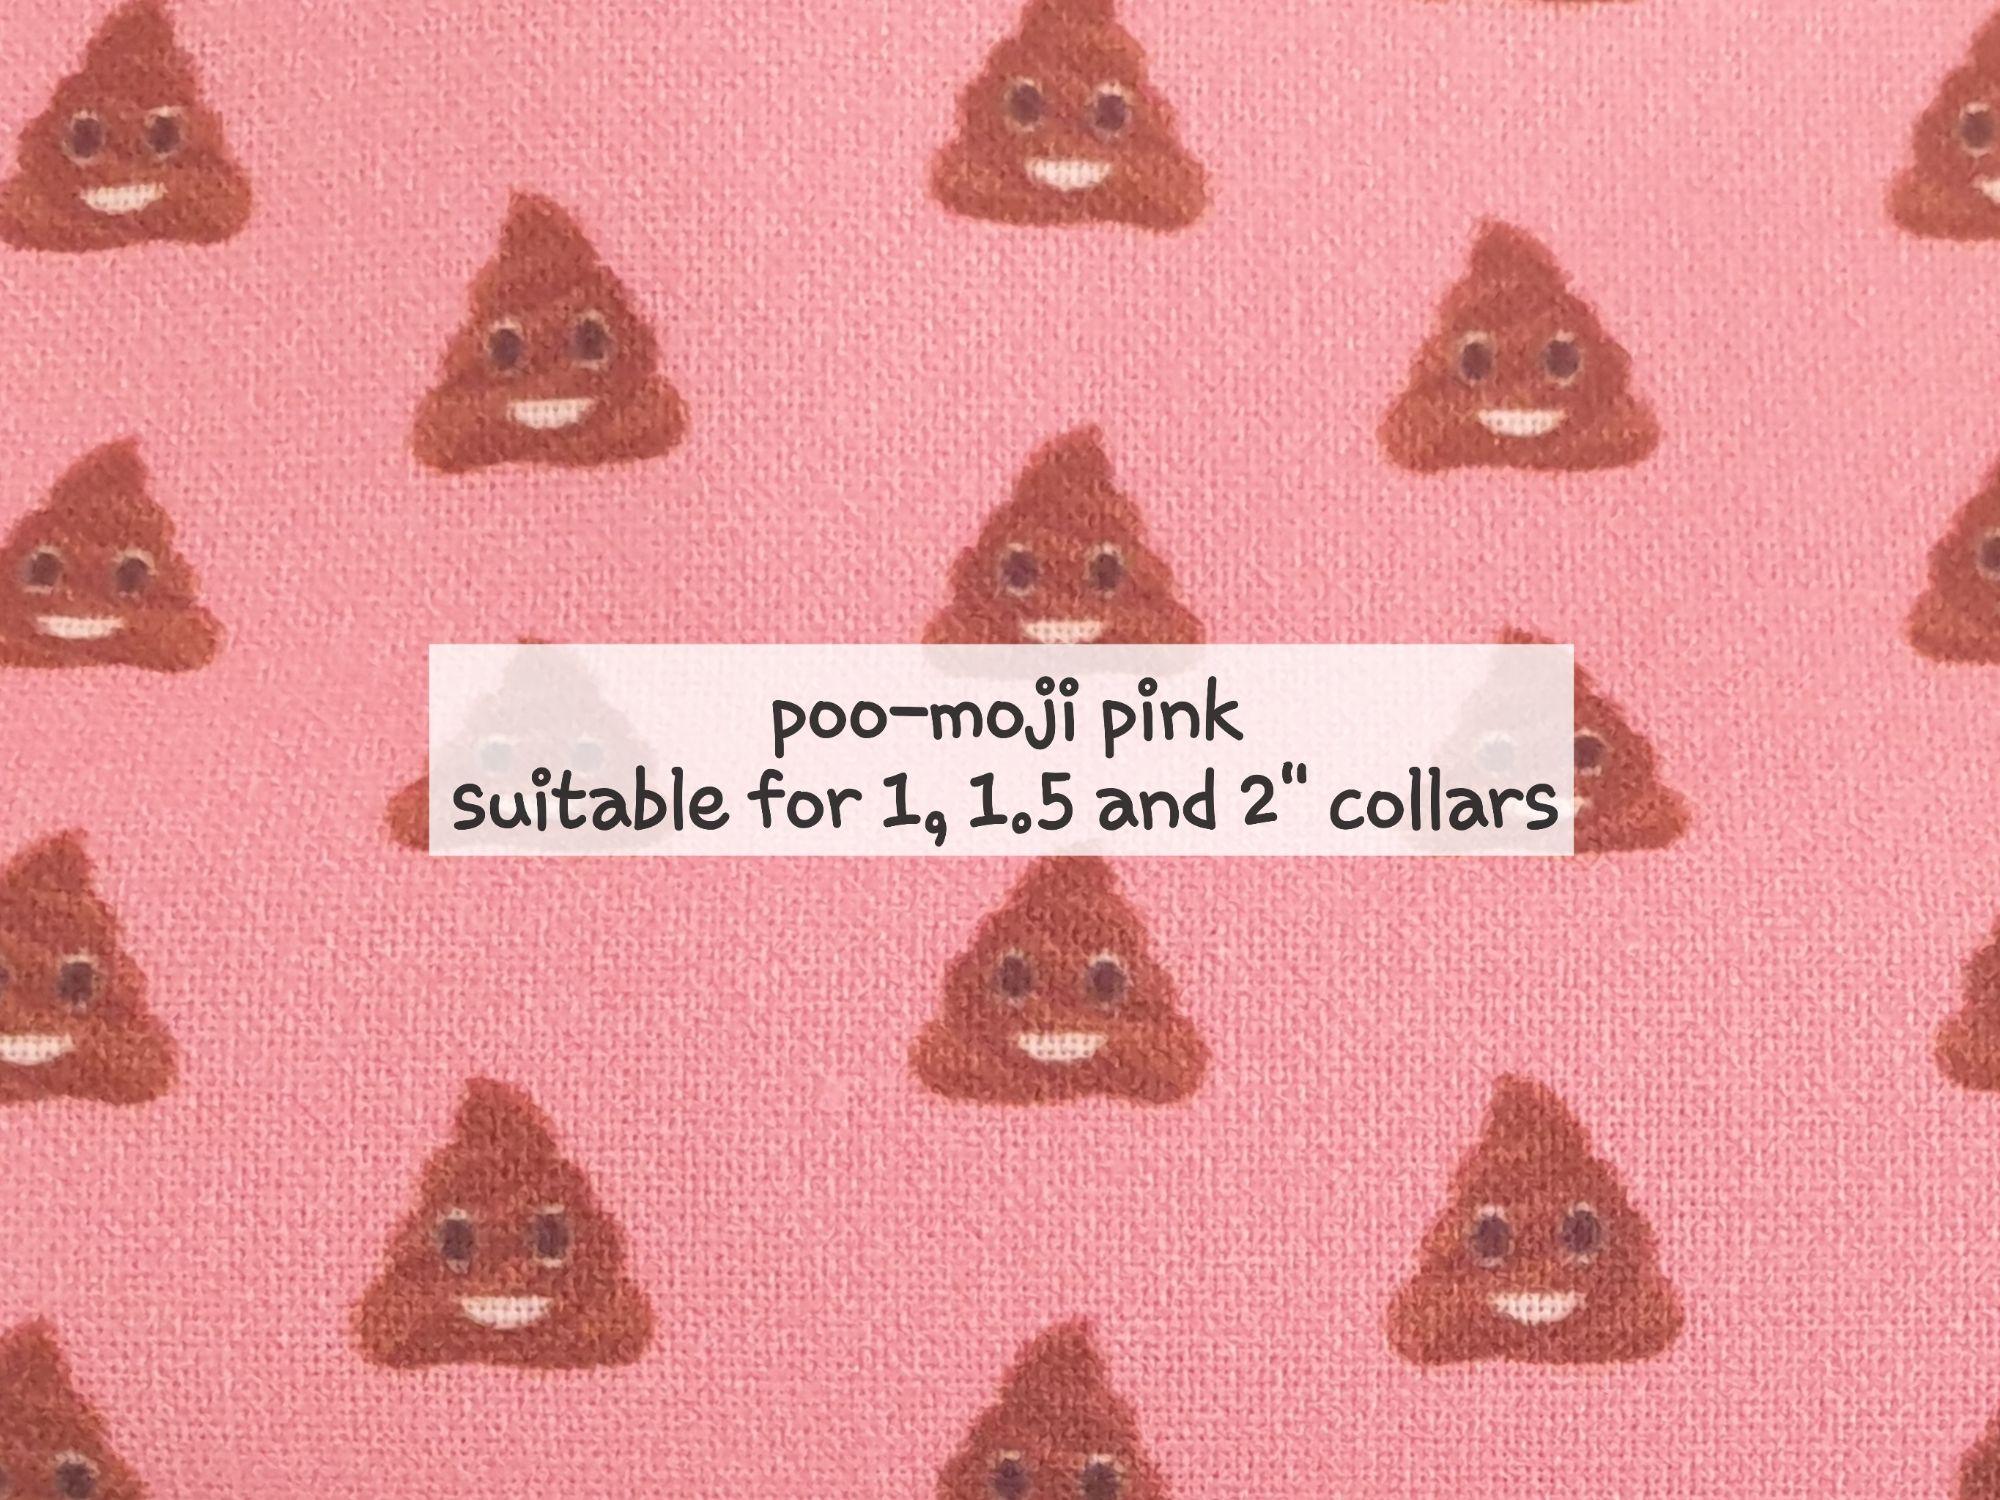 poomoji pink